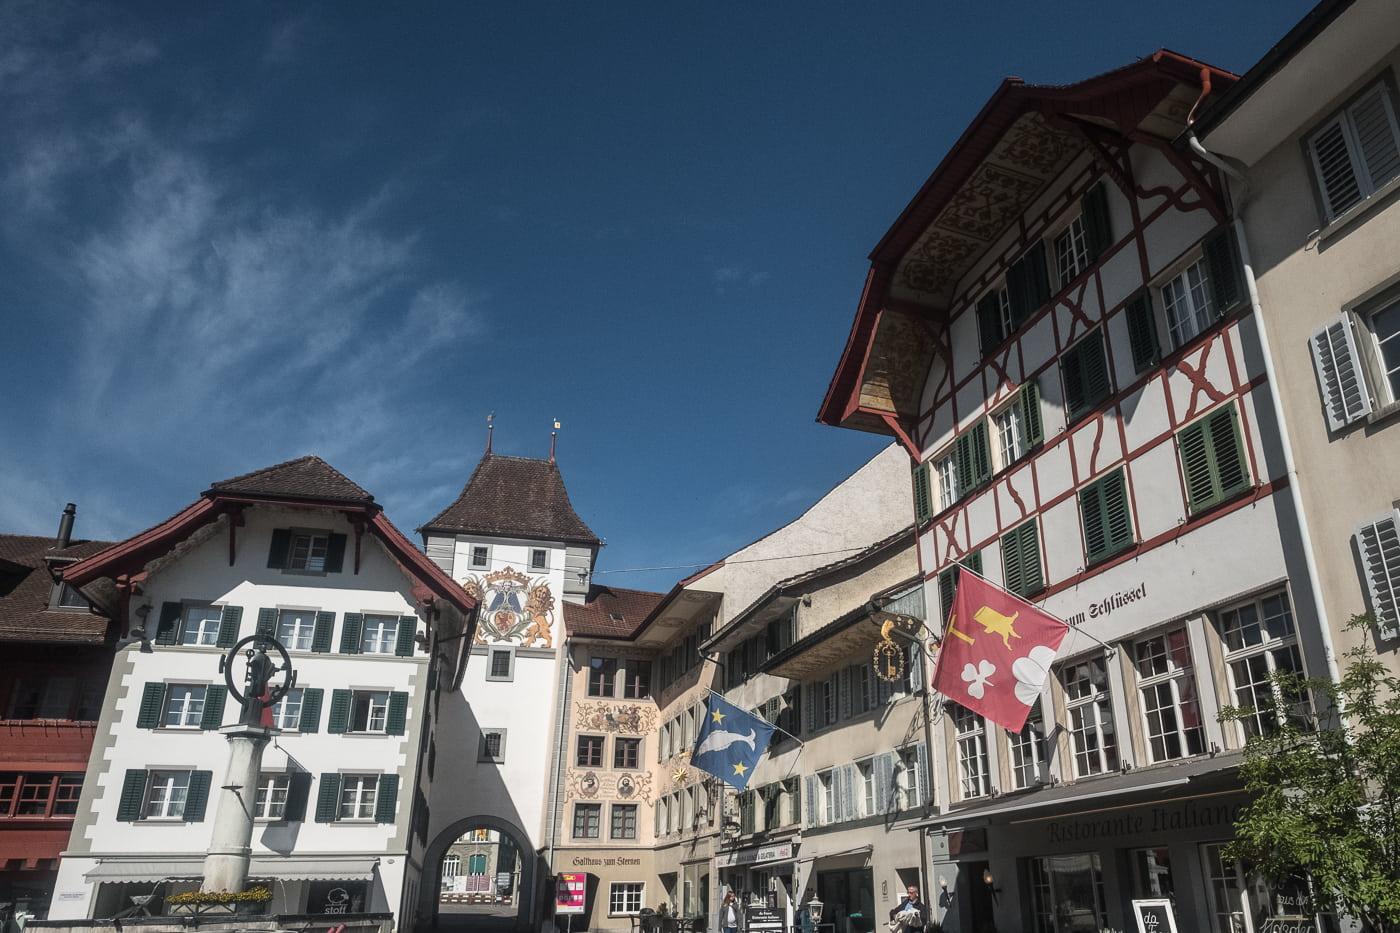 Willisau Altstadt